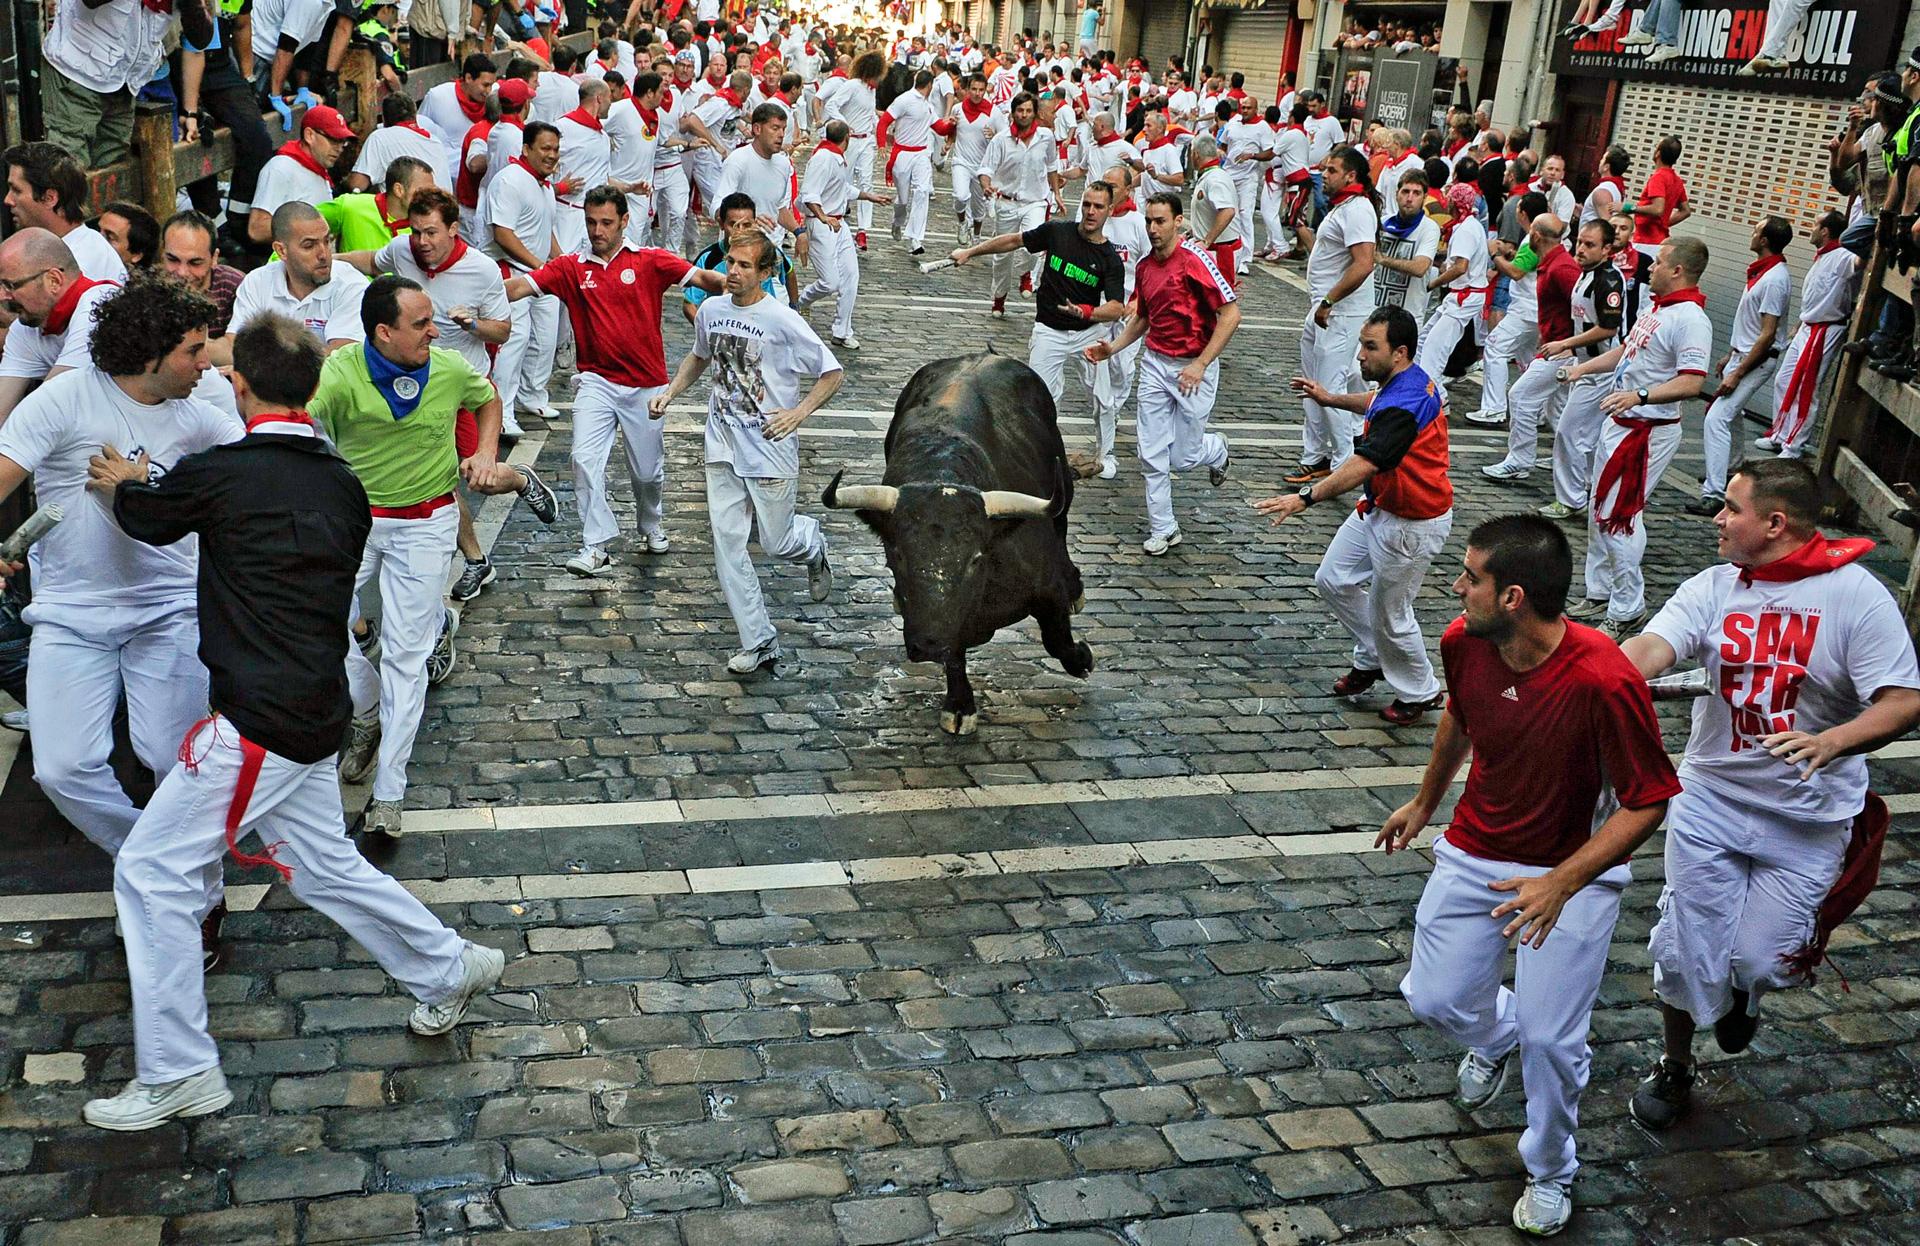 la corsa dei tori a Pamplona